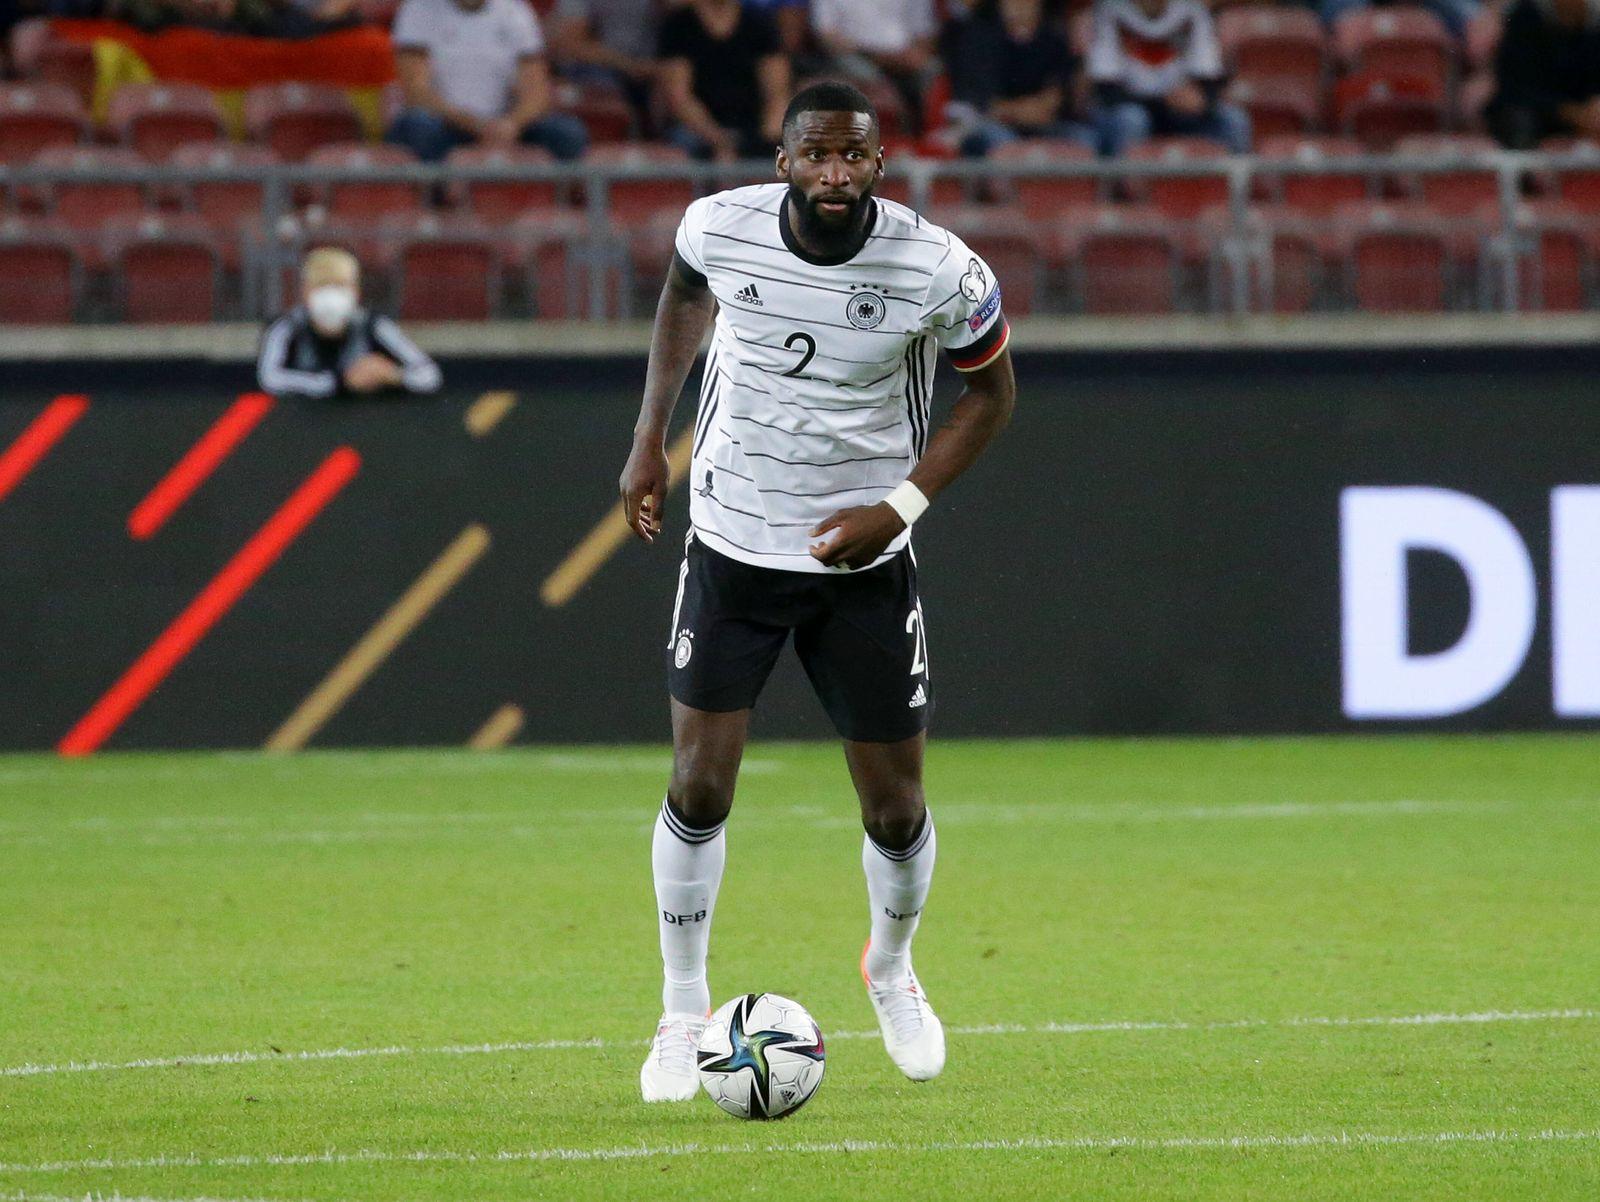 Stuttgart , Fußball WM Qualifikation , Deutschland vs. Armenien , Antonio Rüdiger (GER) *** Stuttgart , Soccer World Cu